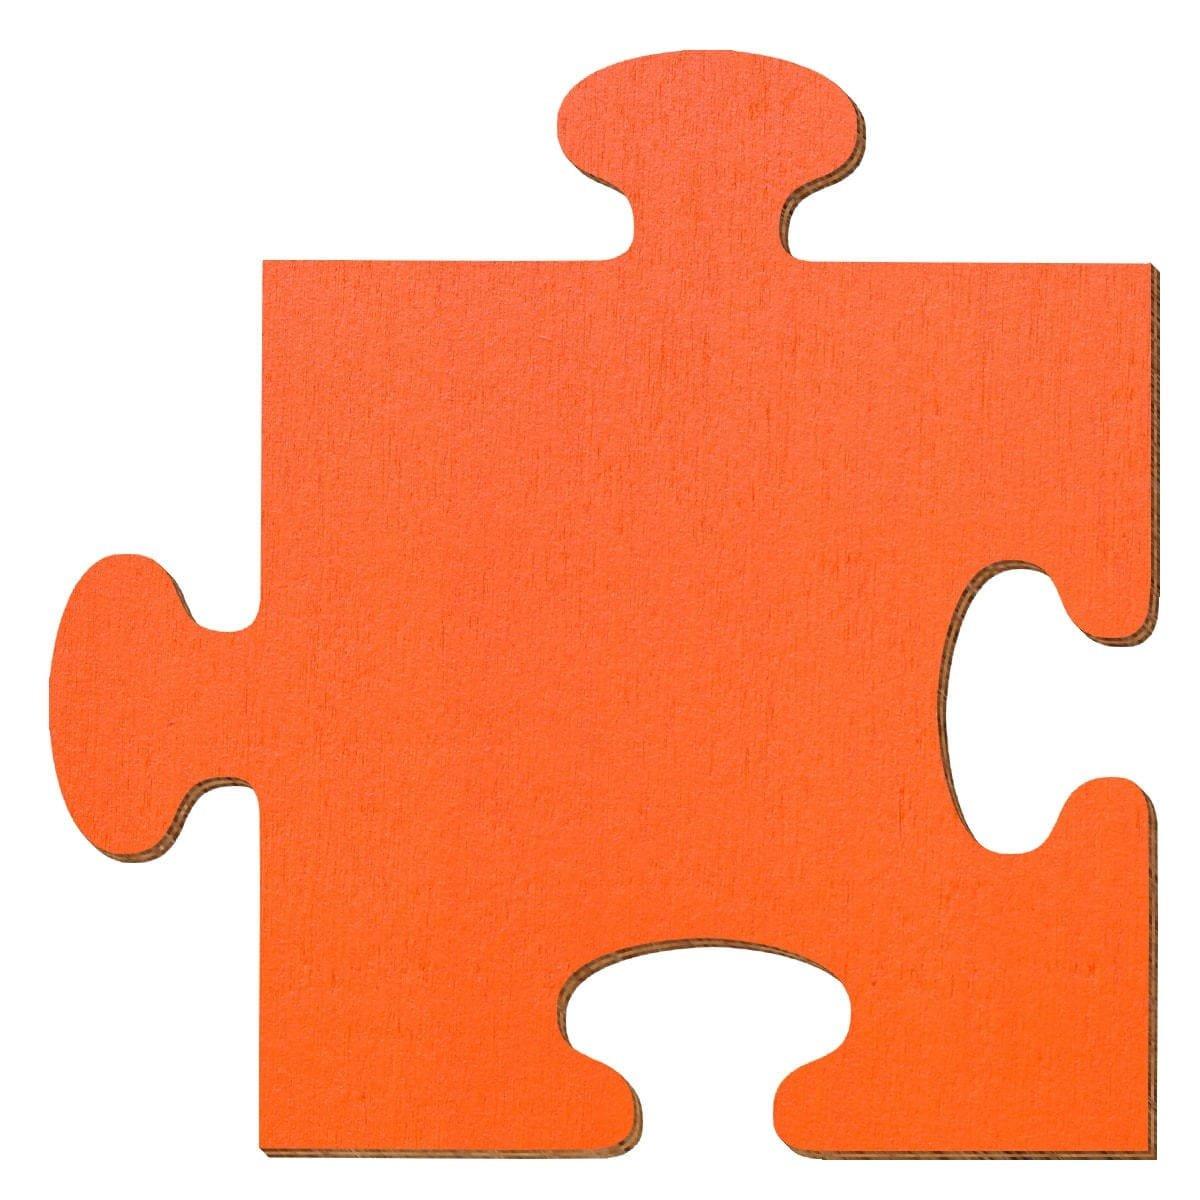 Bütic GmbH buetic compensato sbozzati Arancione–Puzzle–Misura a Scelta–Pioppo 3mm, Compensato, 5 x 5cm